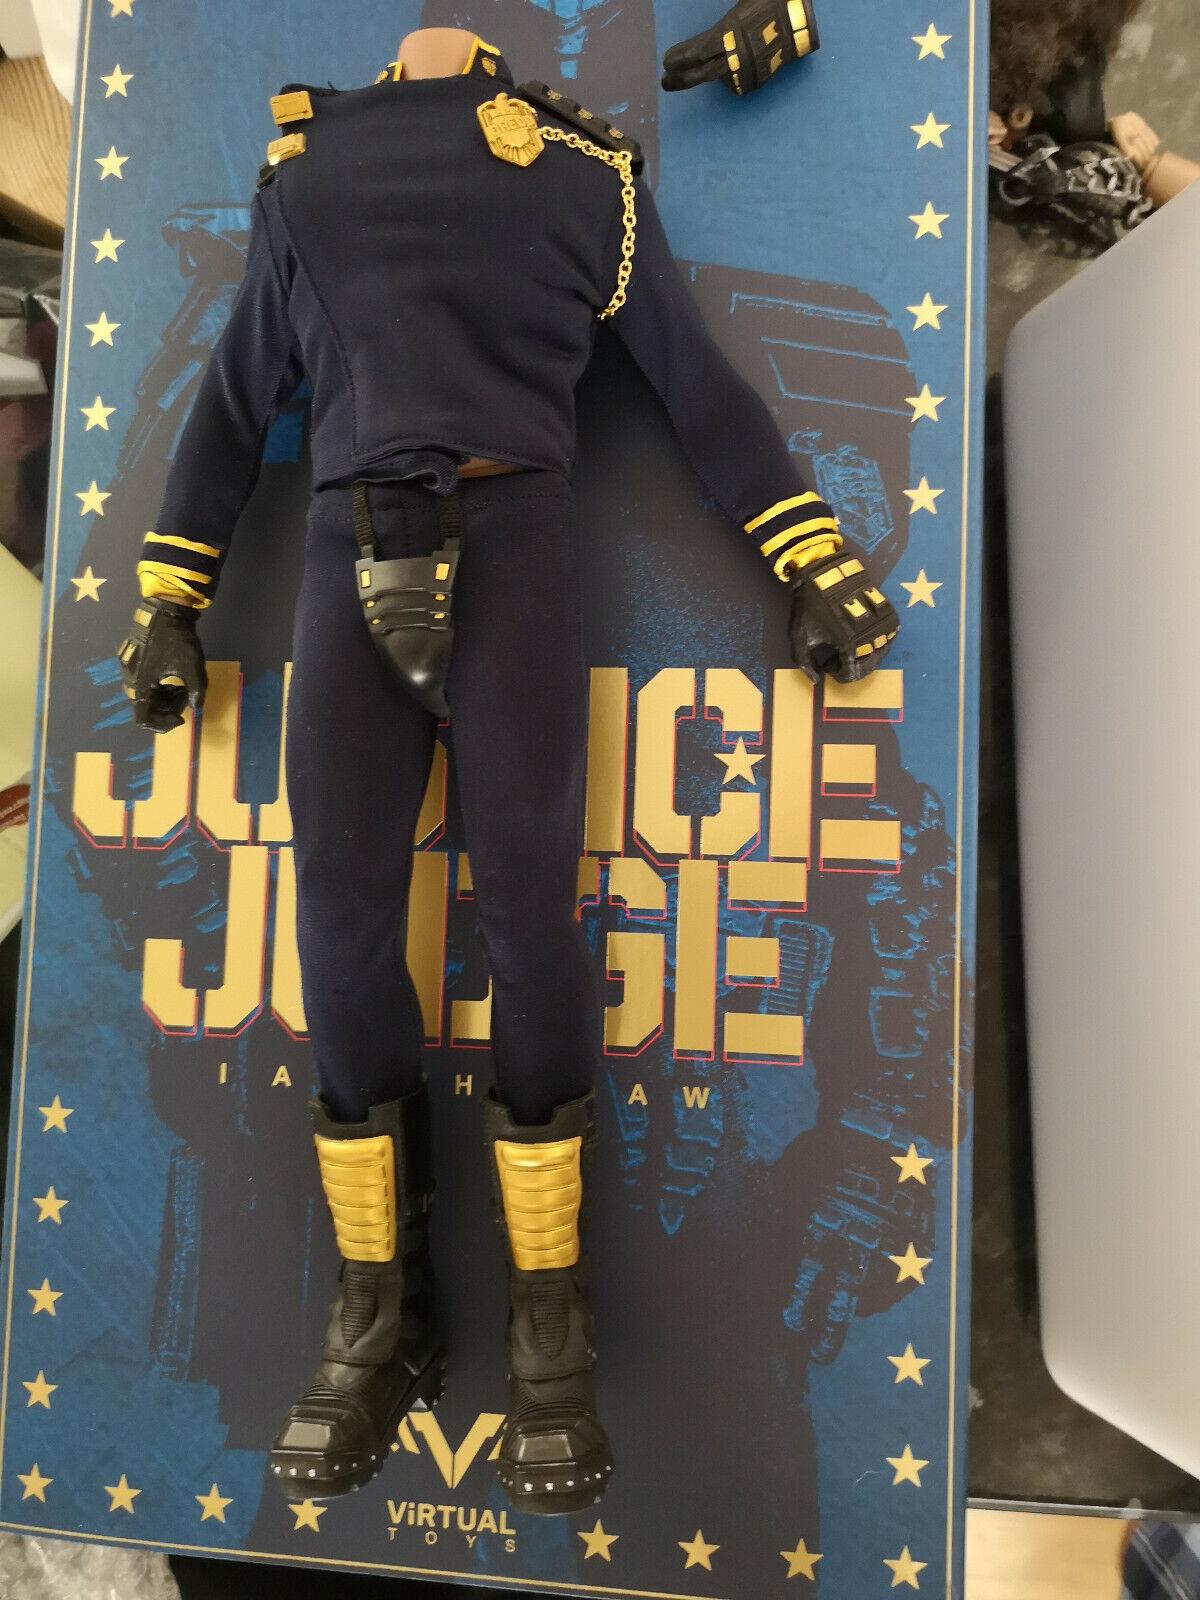 1 6 Scale VTS Giudice Giudice Corpo, outfit, imbottitura, uomoi e stivali, distintivo nuovo